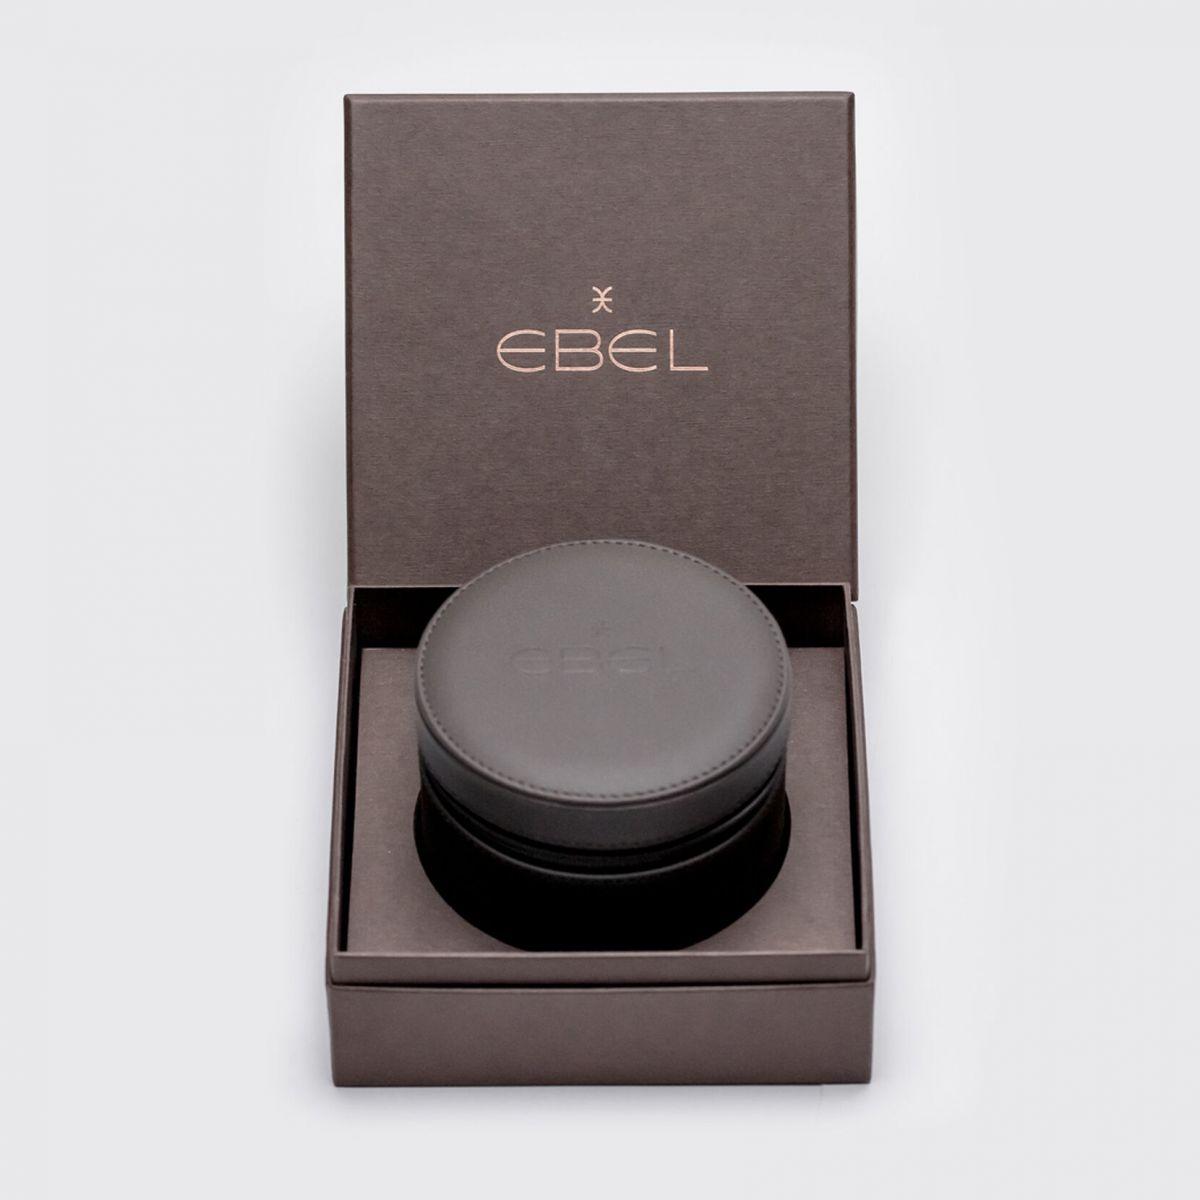 ebel sport classic horloge 1216473a 2